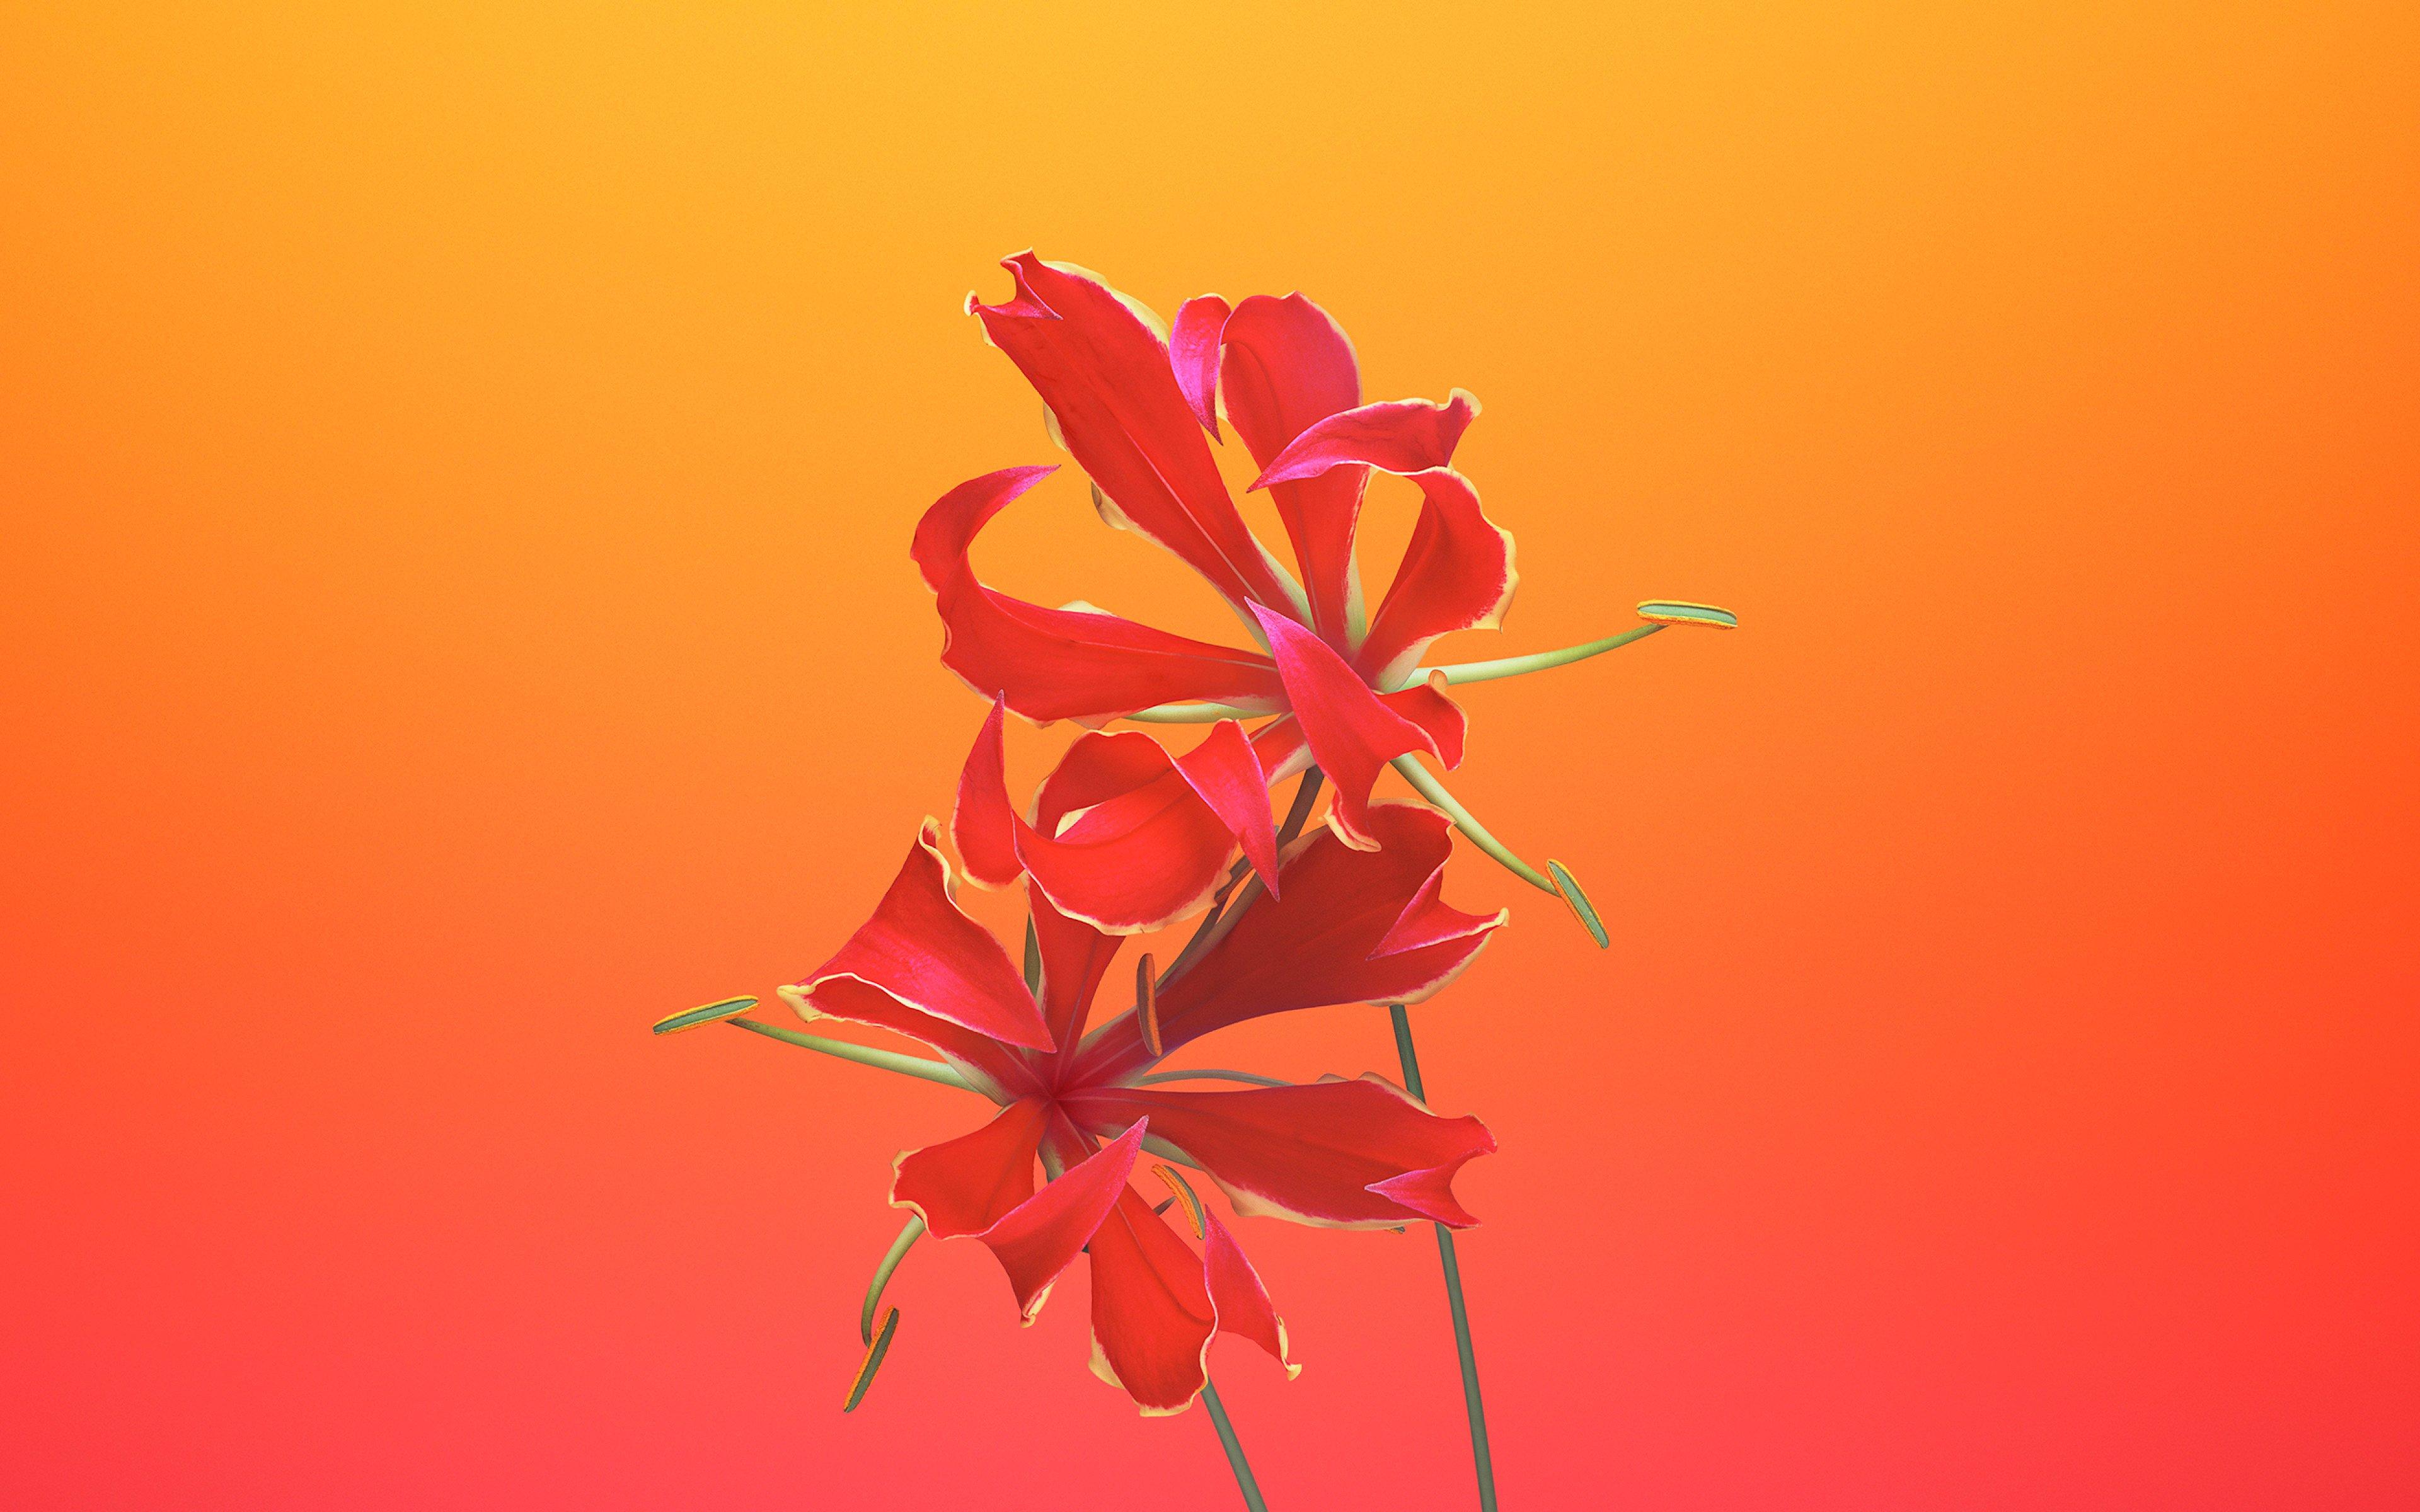 Fondos de pantalla IOS 11 Flor Gloriosa